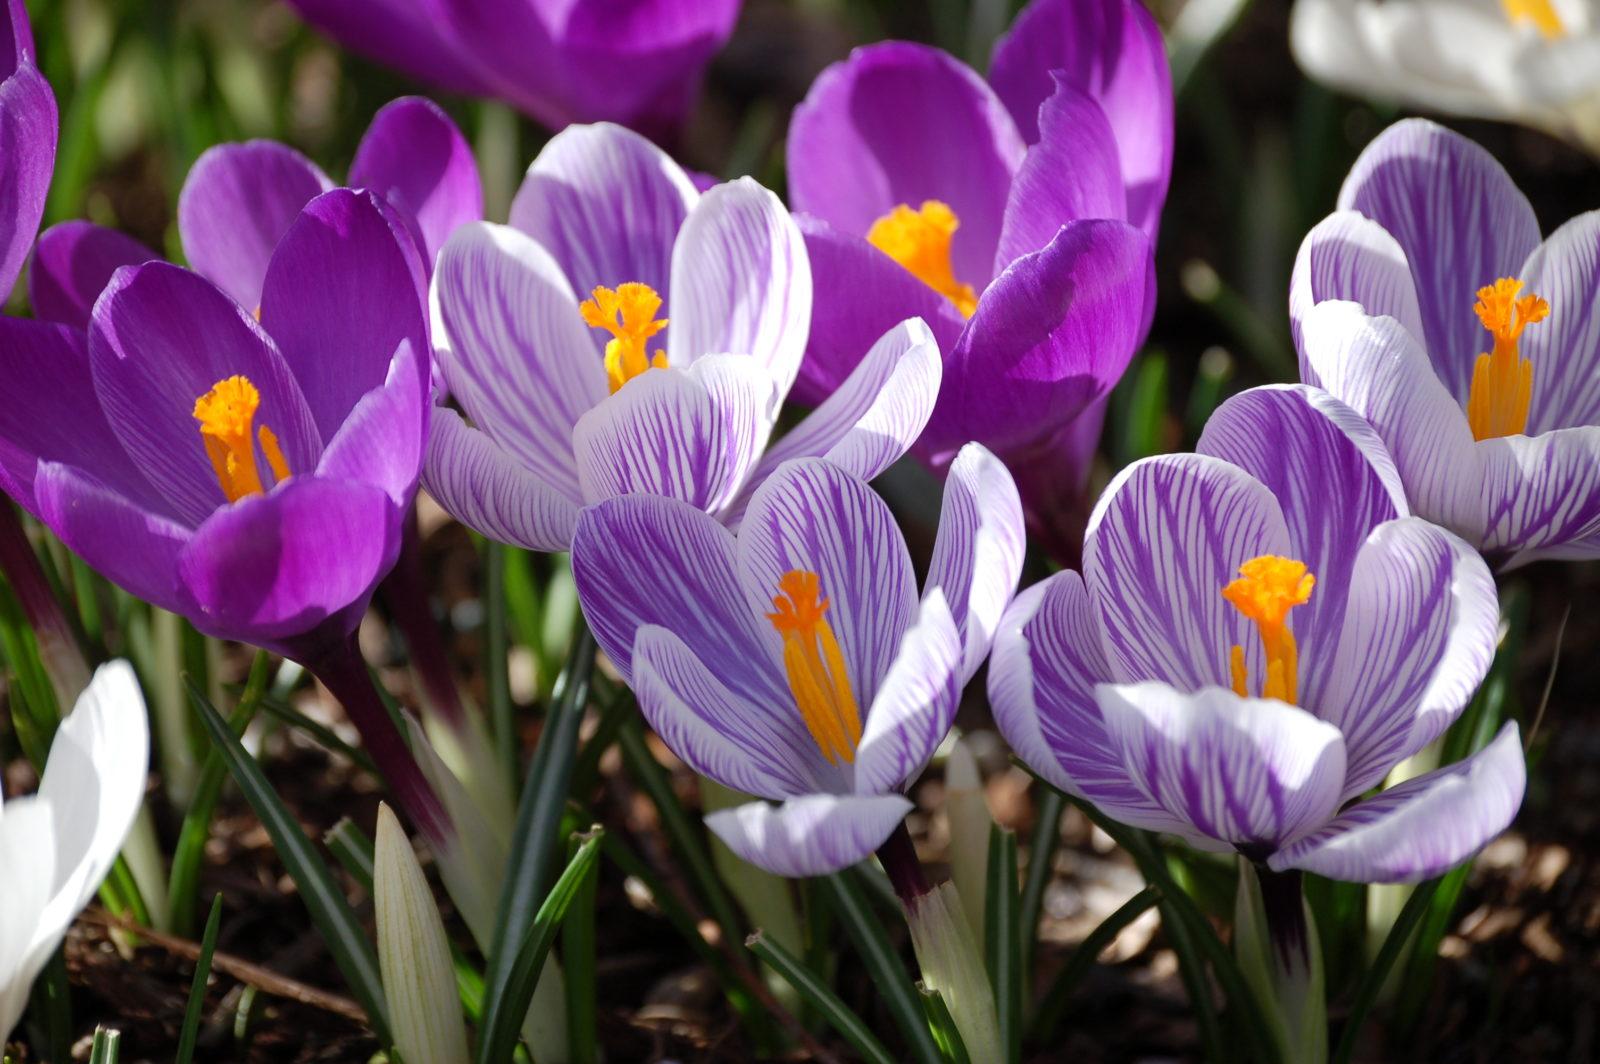 Beliebt Bevorzugt Krokus pflanzen: Die zierliche Blütenpracht im eigenen Garten #AG_91